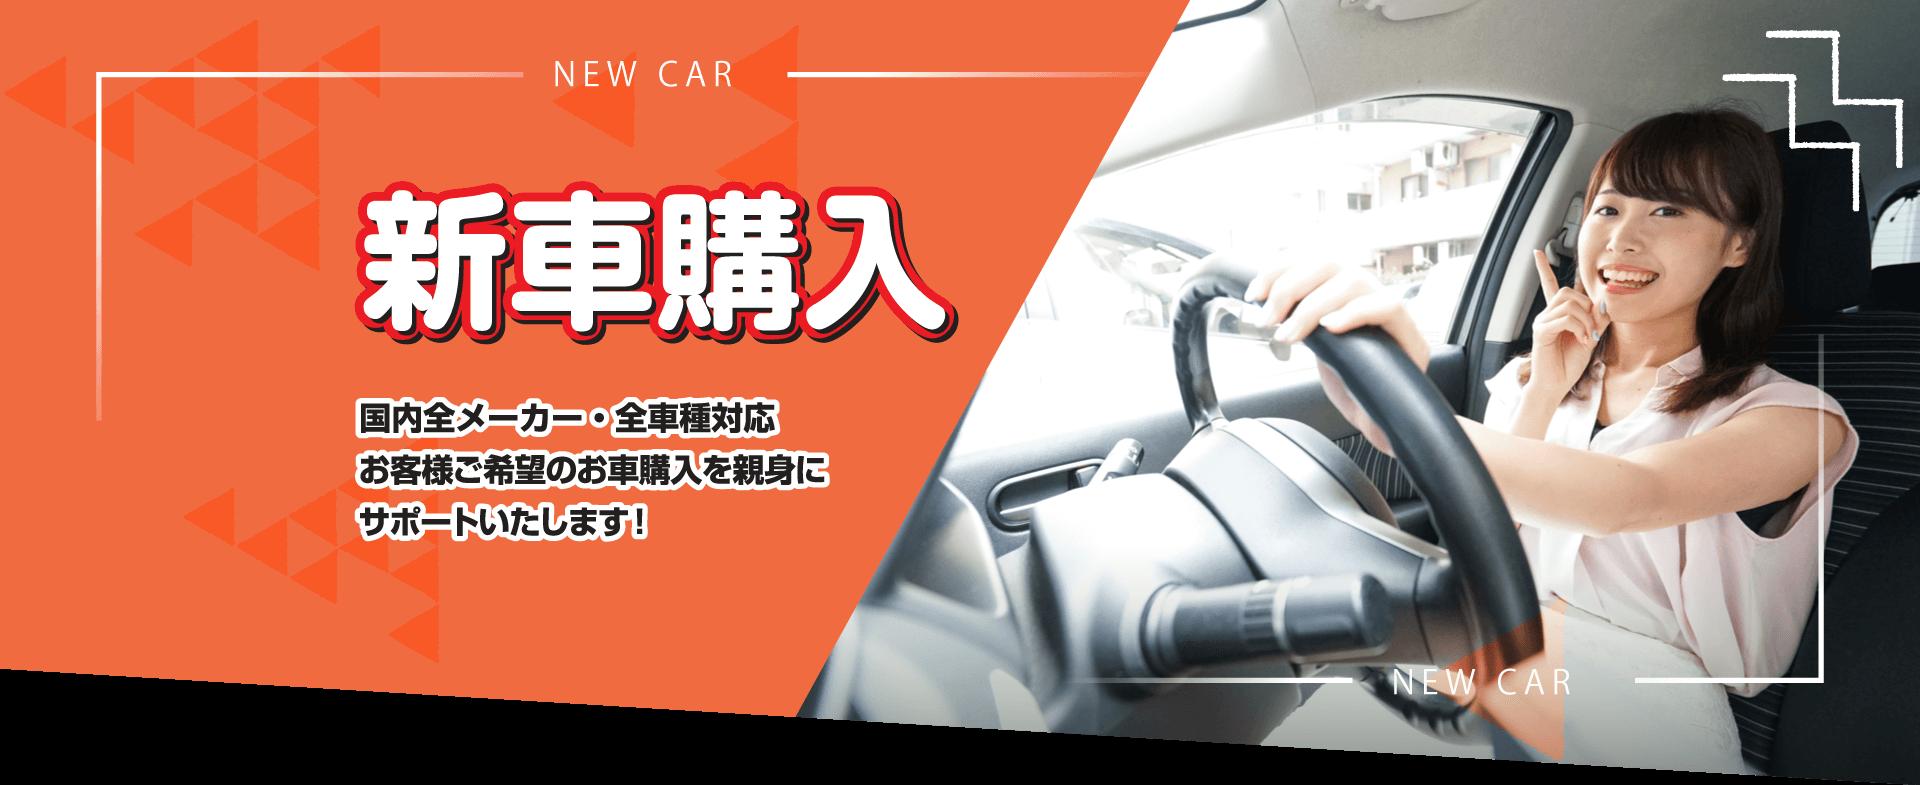 <p>経験豊富なスタッフが、お客様ご希望のお車購入を親身にサポートいたします! オートセブン・アルボの新車は、外車も含めて全メーカー全車種取扱っております!ご予算やご要望の車種を比較などを踏まえて、お客様にピッタリの素敵なお車 […]</p>